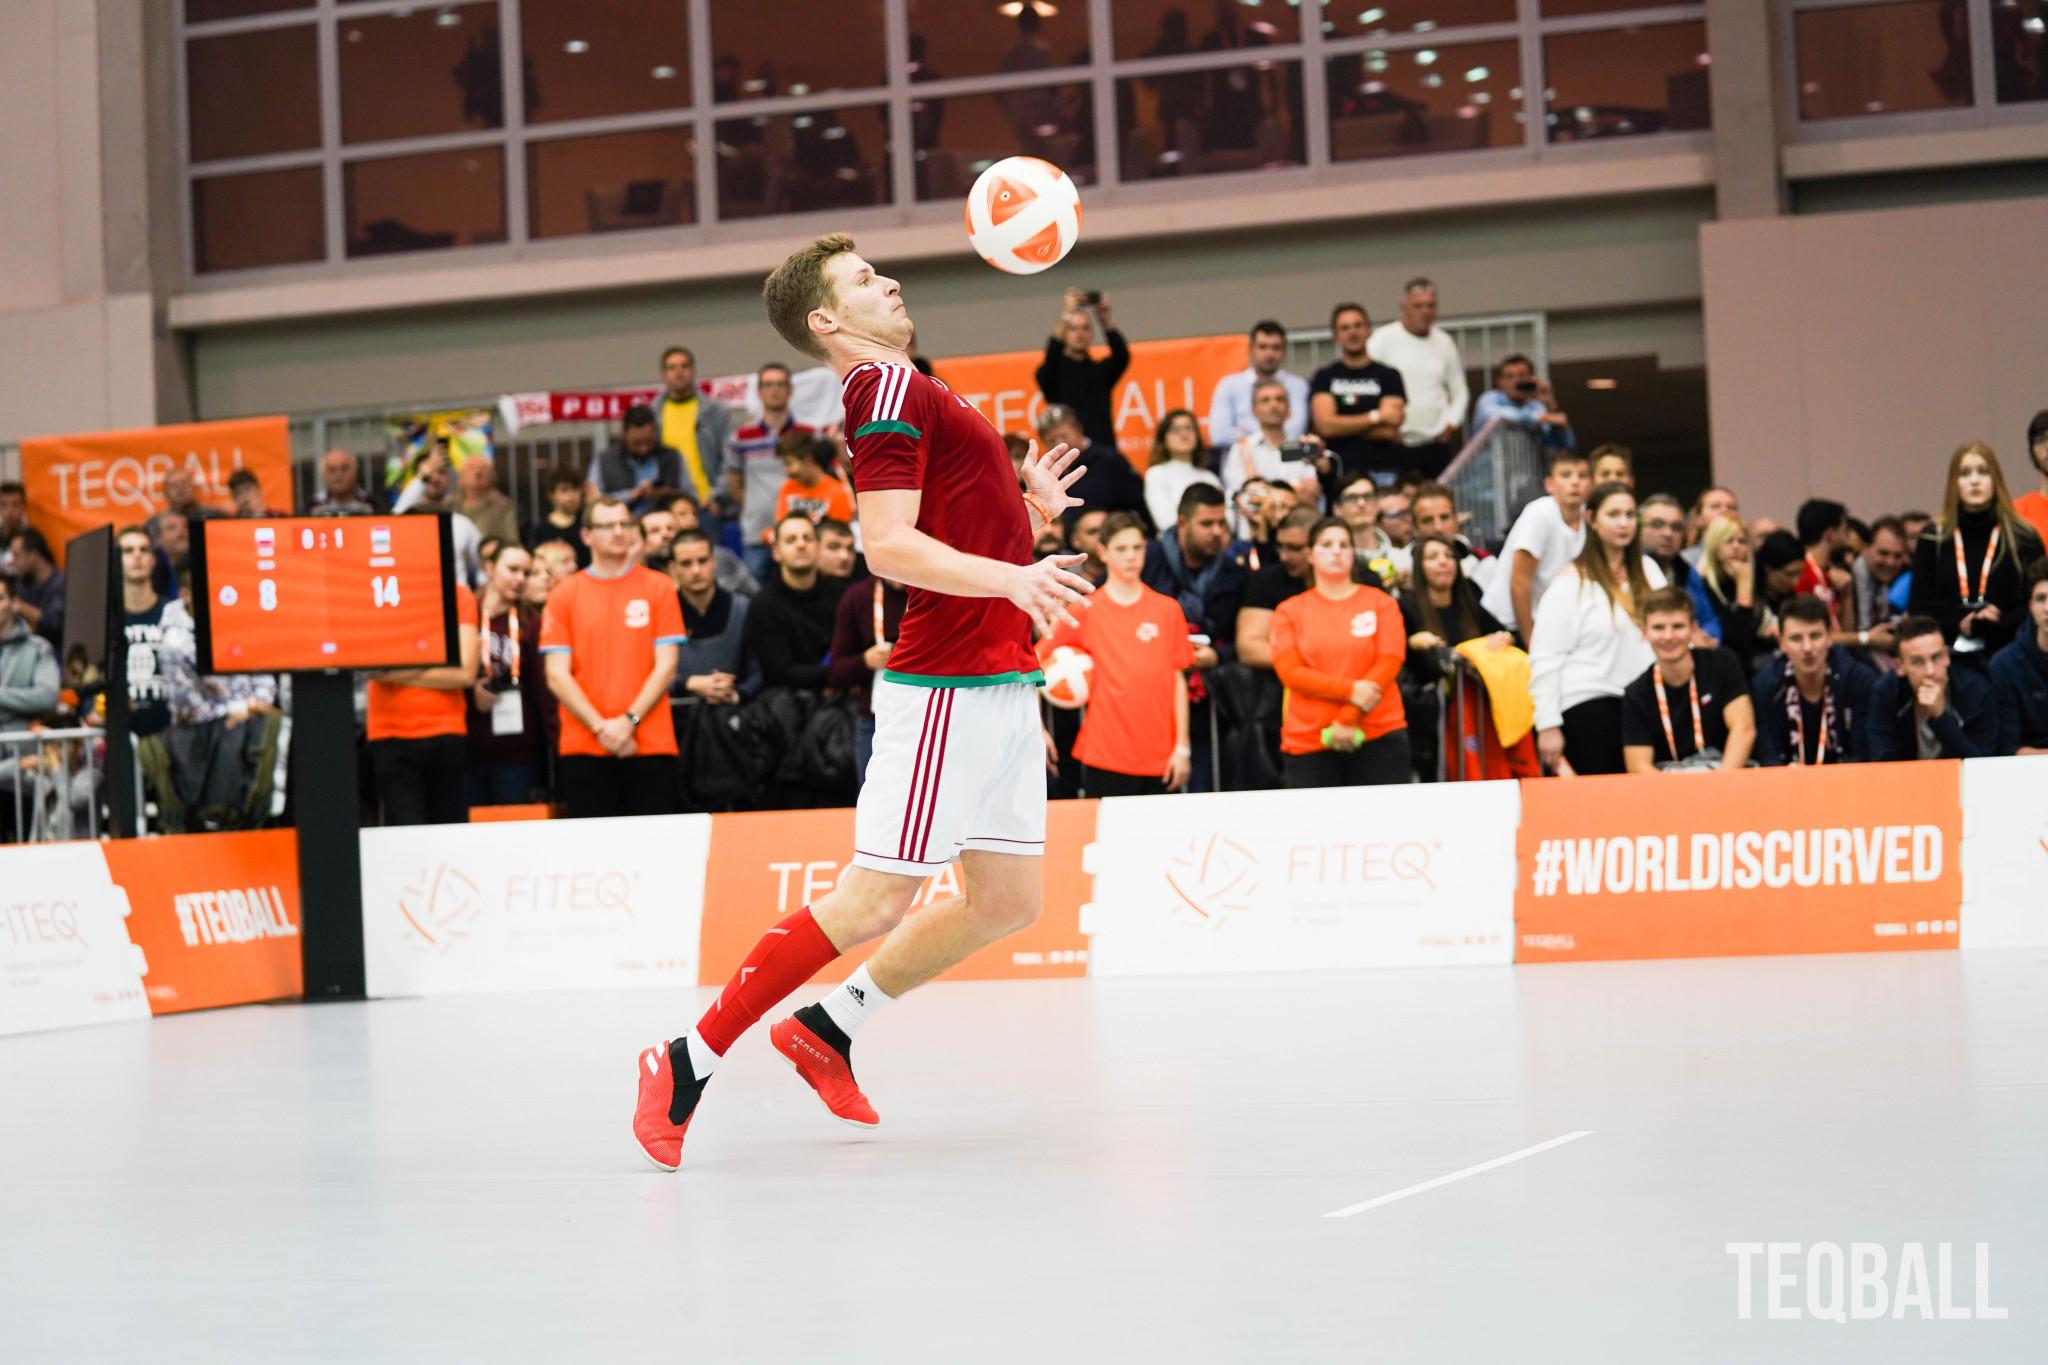 World champion Blazsovics tops FITEQ prize money list